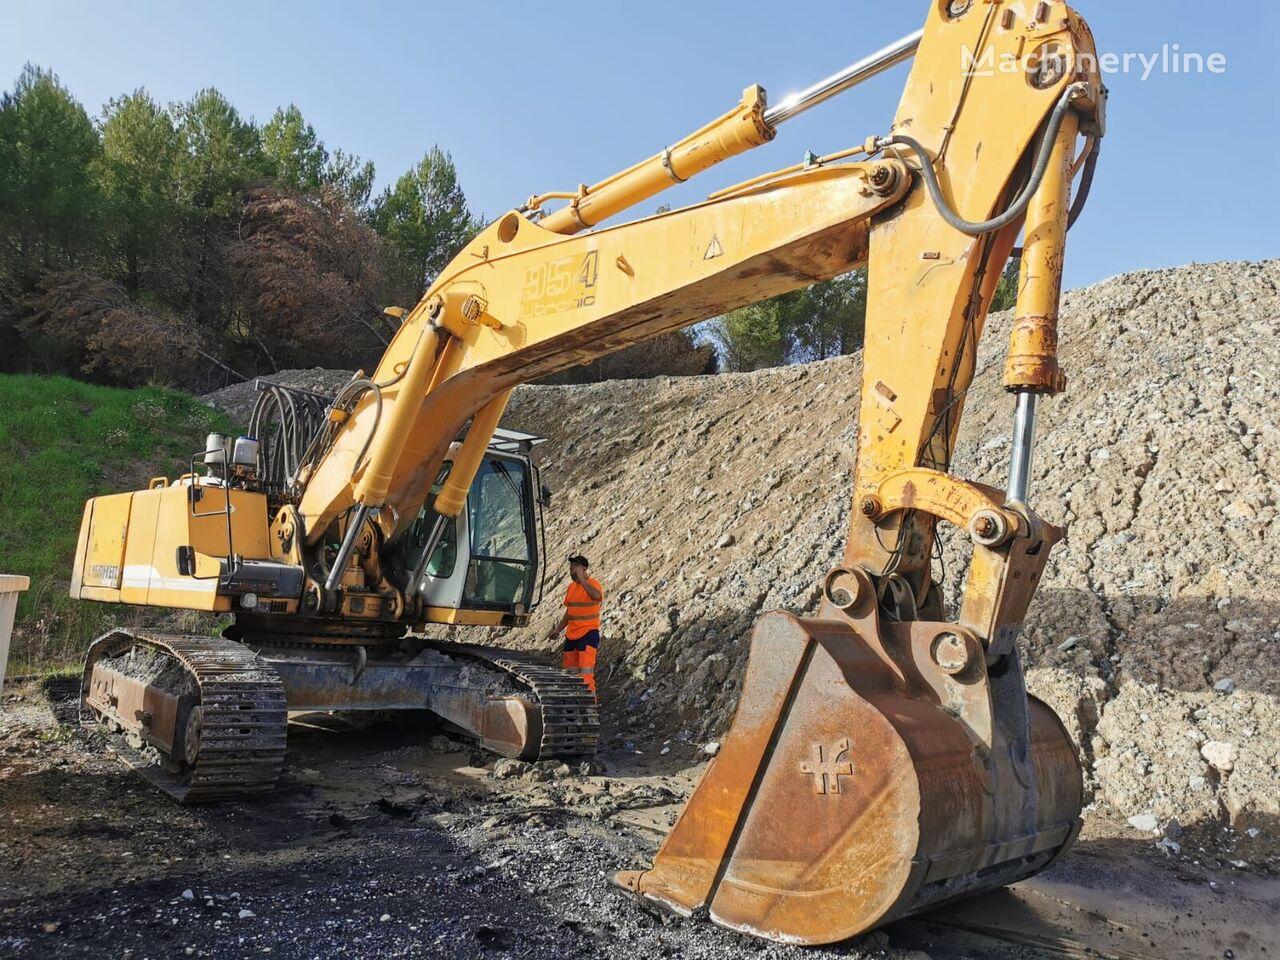 LIEBHERR R954 tracked excavator